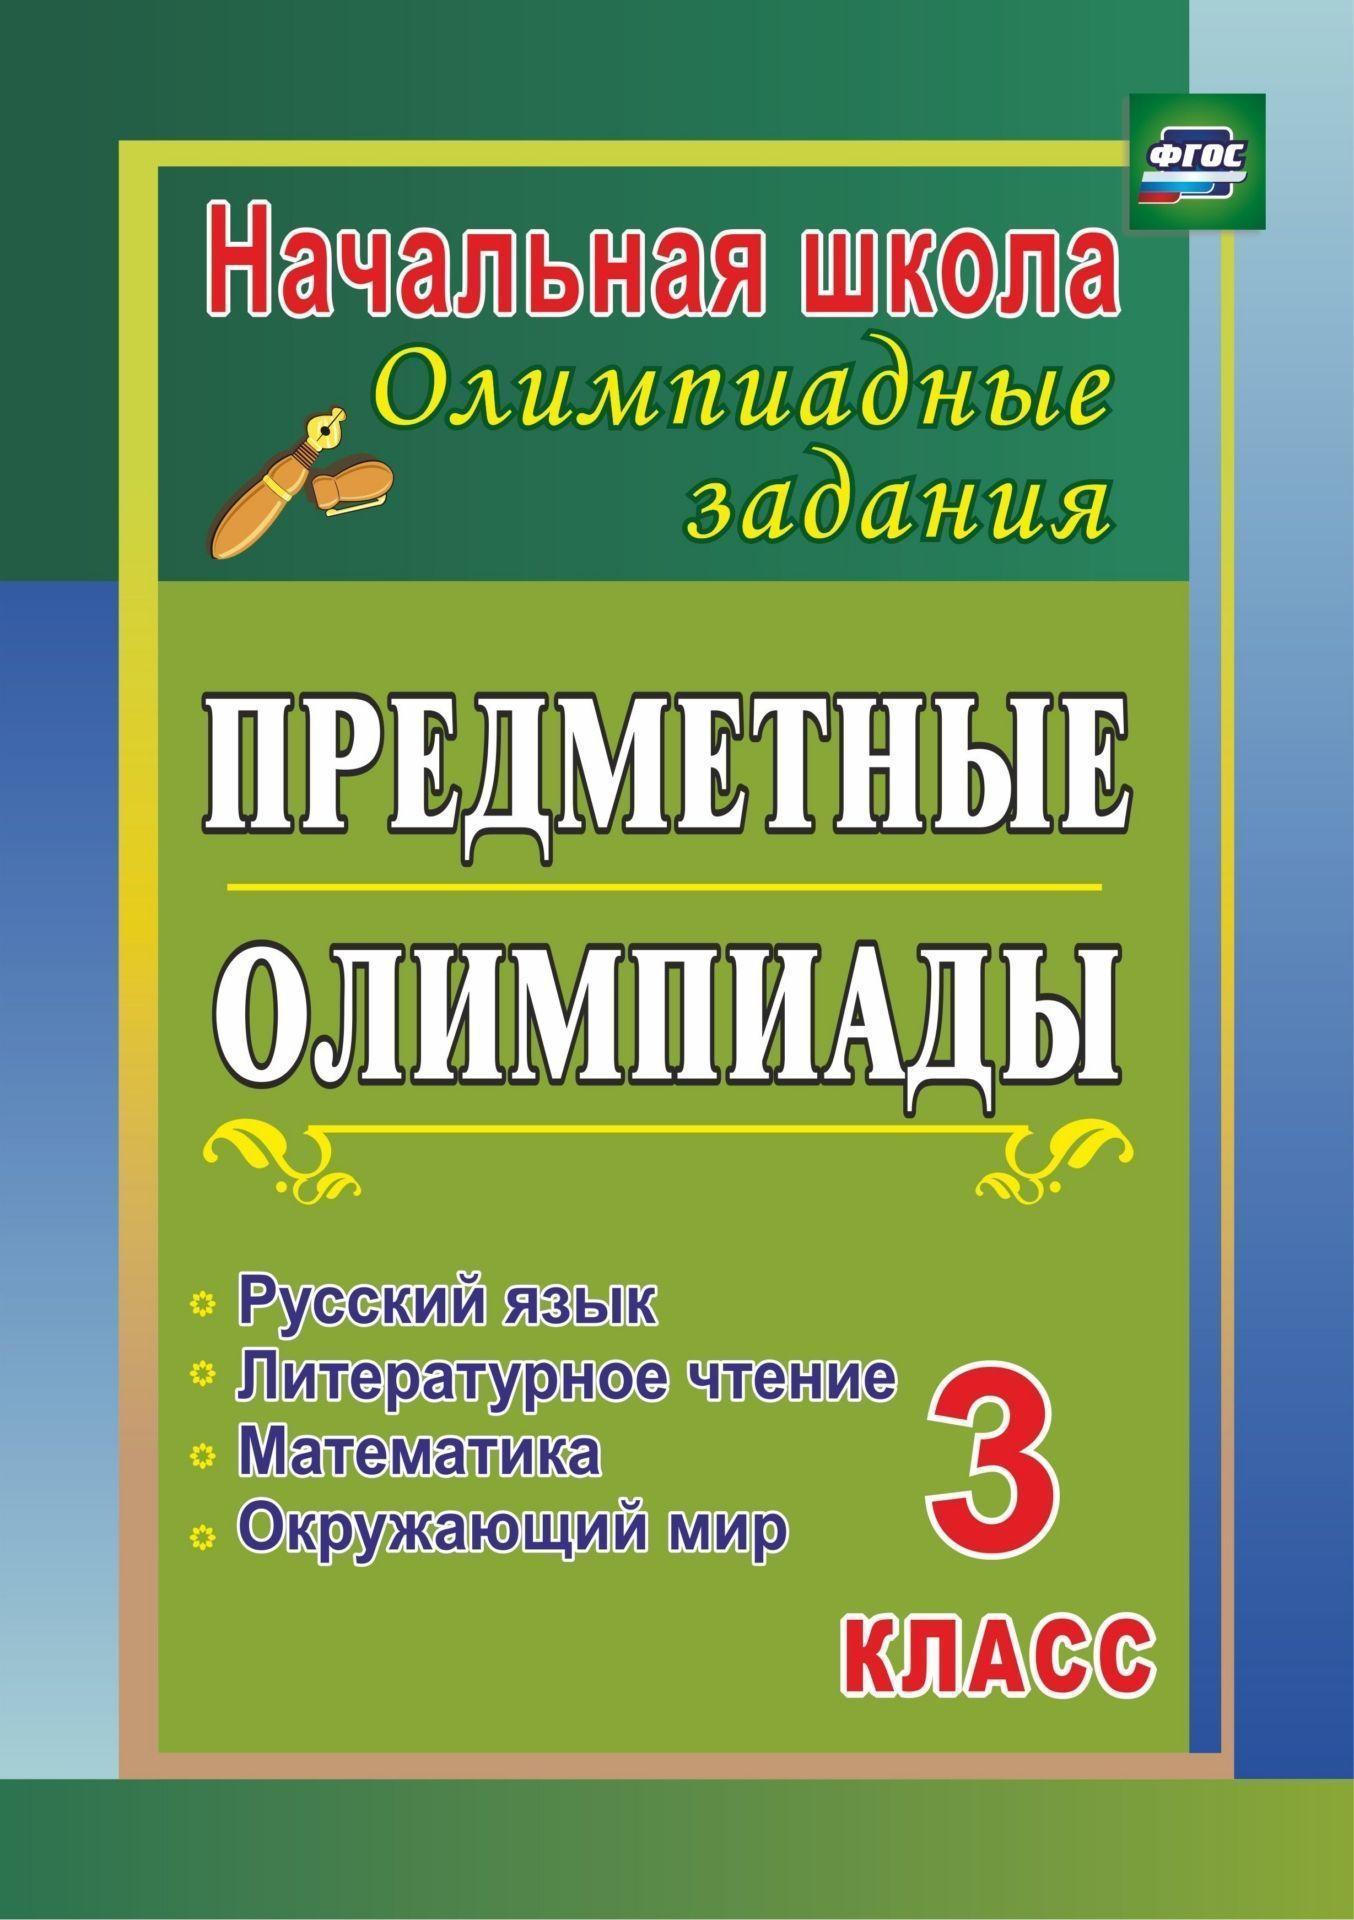 Предметные олимпиады. 3 класс. Русский язык, математика, литературное чтение, окружающий мирПредметы<br>Представленные в пособии олимпиадные задания по русскому языку, математике, литературному чтению, окружающему миру с ответами для учащихся 3 класса помогут педагогунаучить младших школьников использовать общеучебные, логические и познавательные универсаль...<br><br>Авторы: Бауэр И. Е.<br>Год: 2018<br>Серия: Начальная школа<br>ISBN: 978-5-7057-3824-3<br>Высота: 285<br>Ширина: 203<br>Толщина: 2<br>Переплёт: мягкая, скрепка